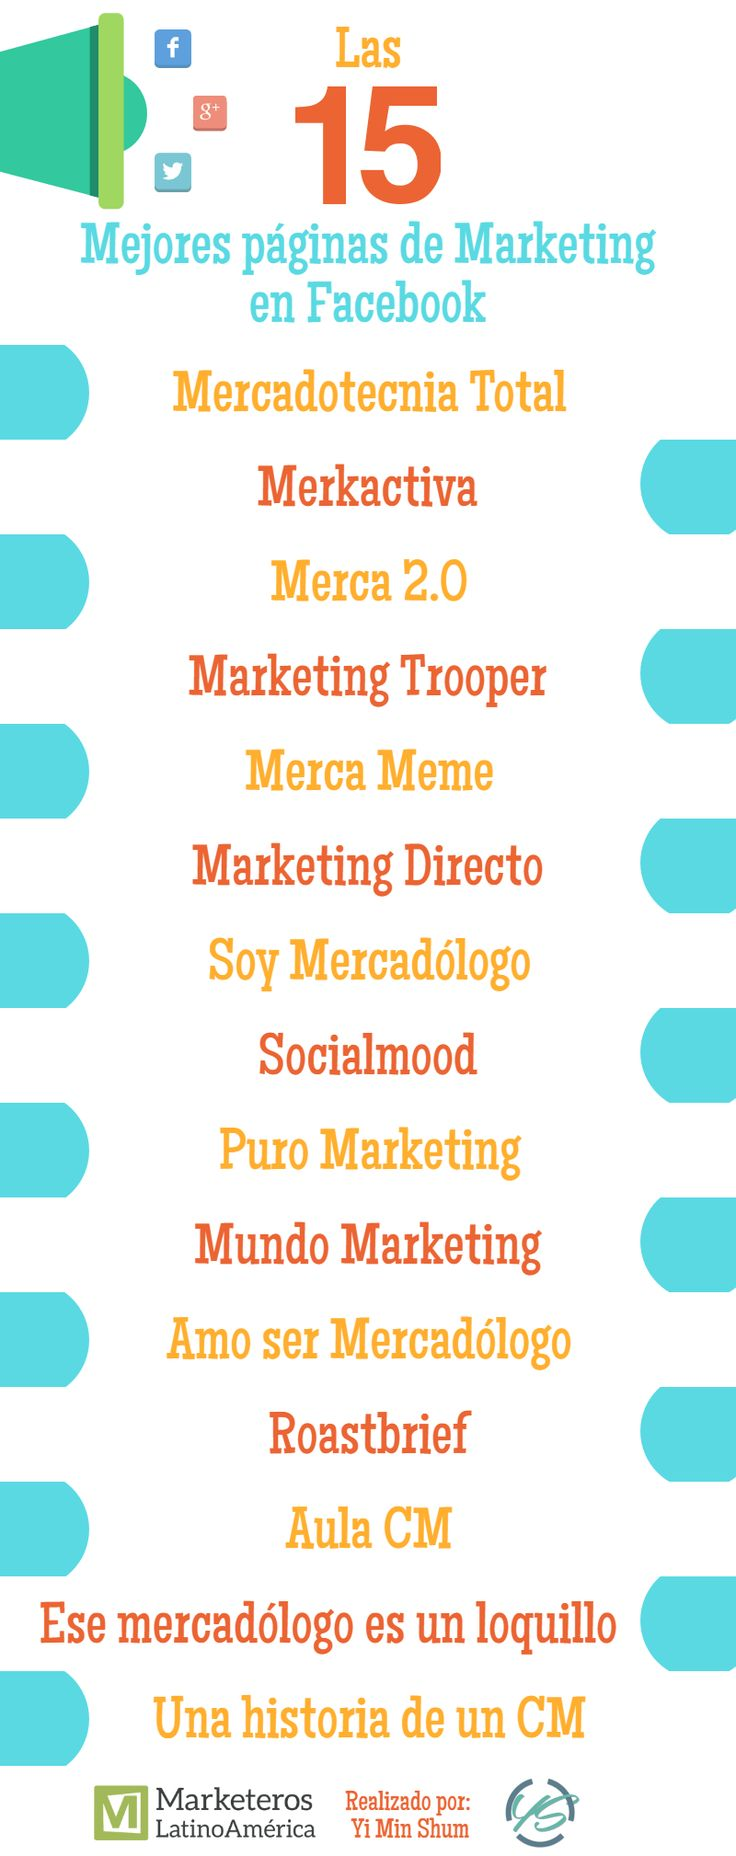 Las 15 mejores páginas de Marketing en Facebook #marketing